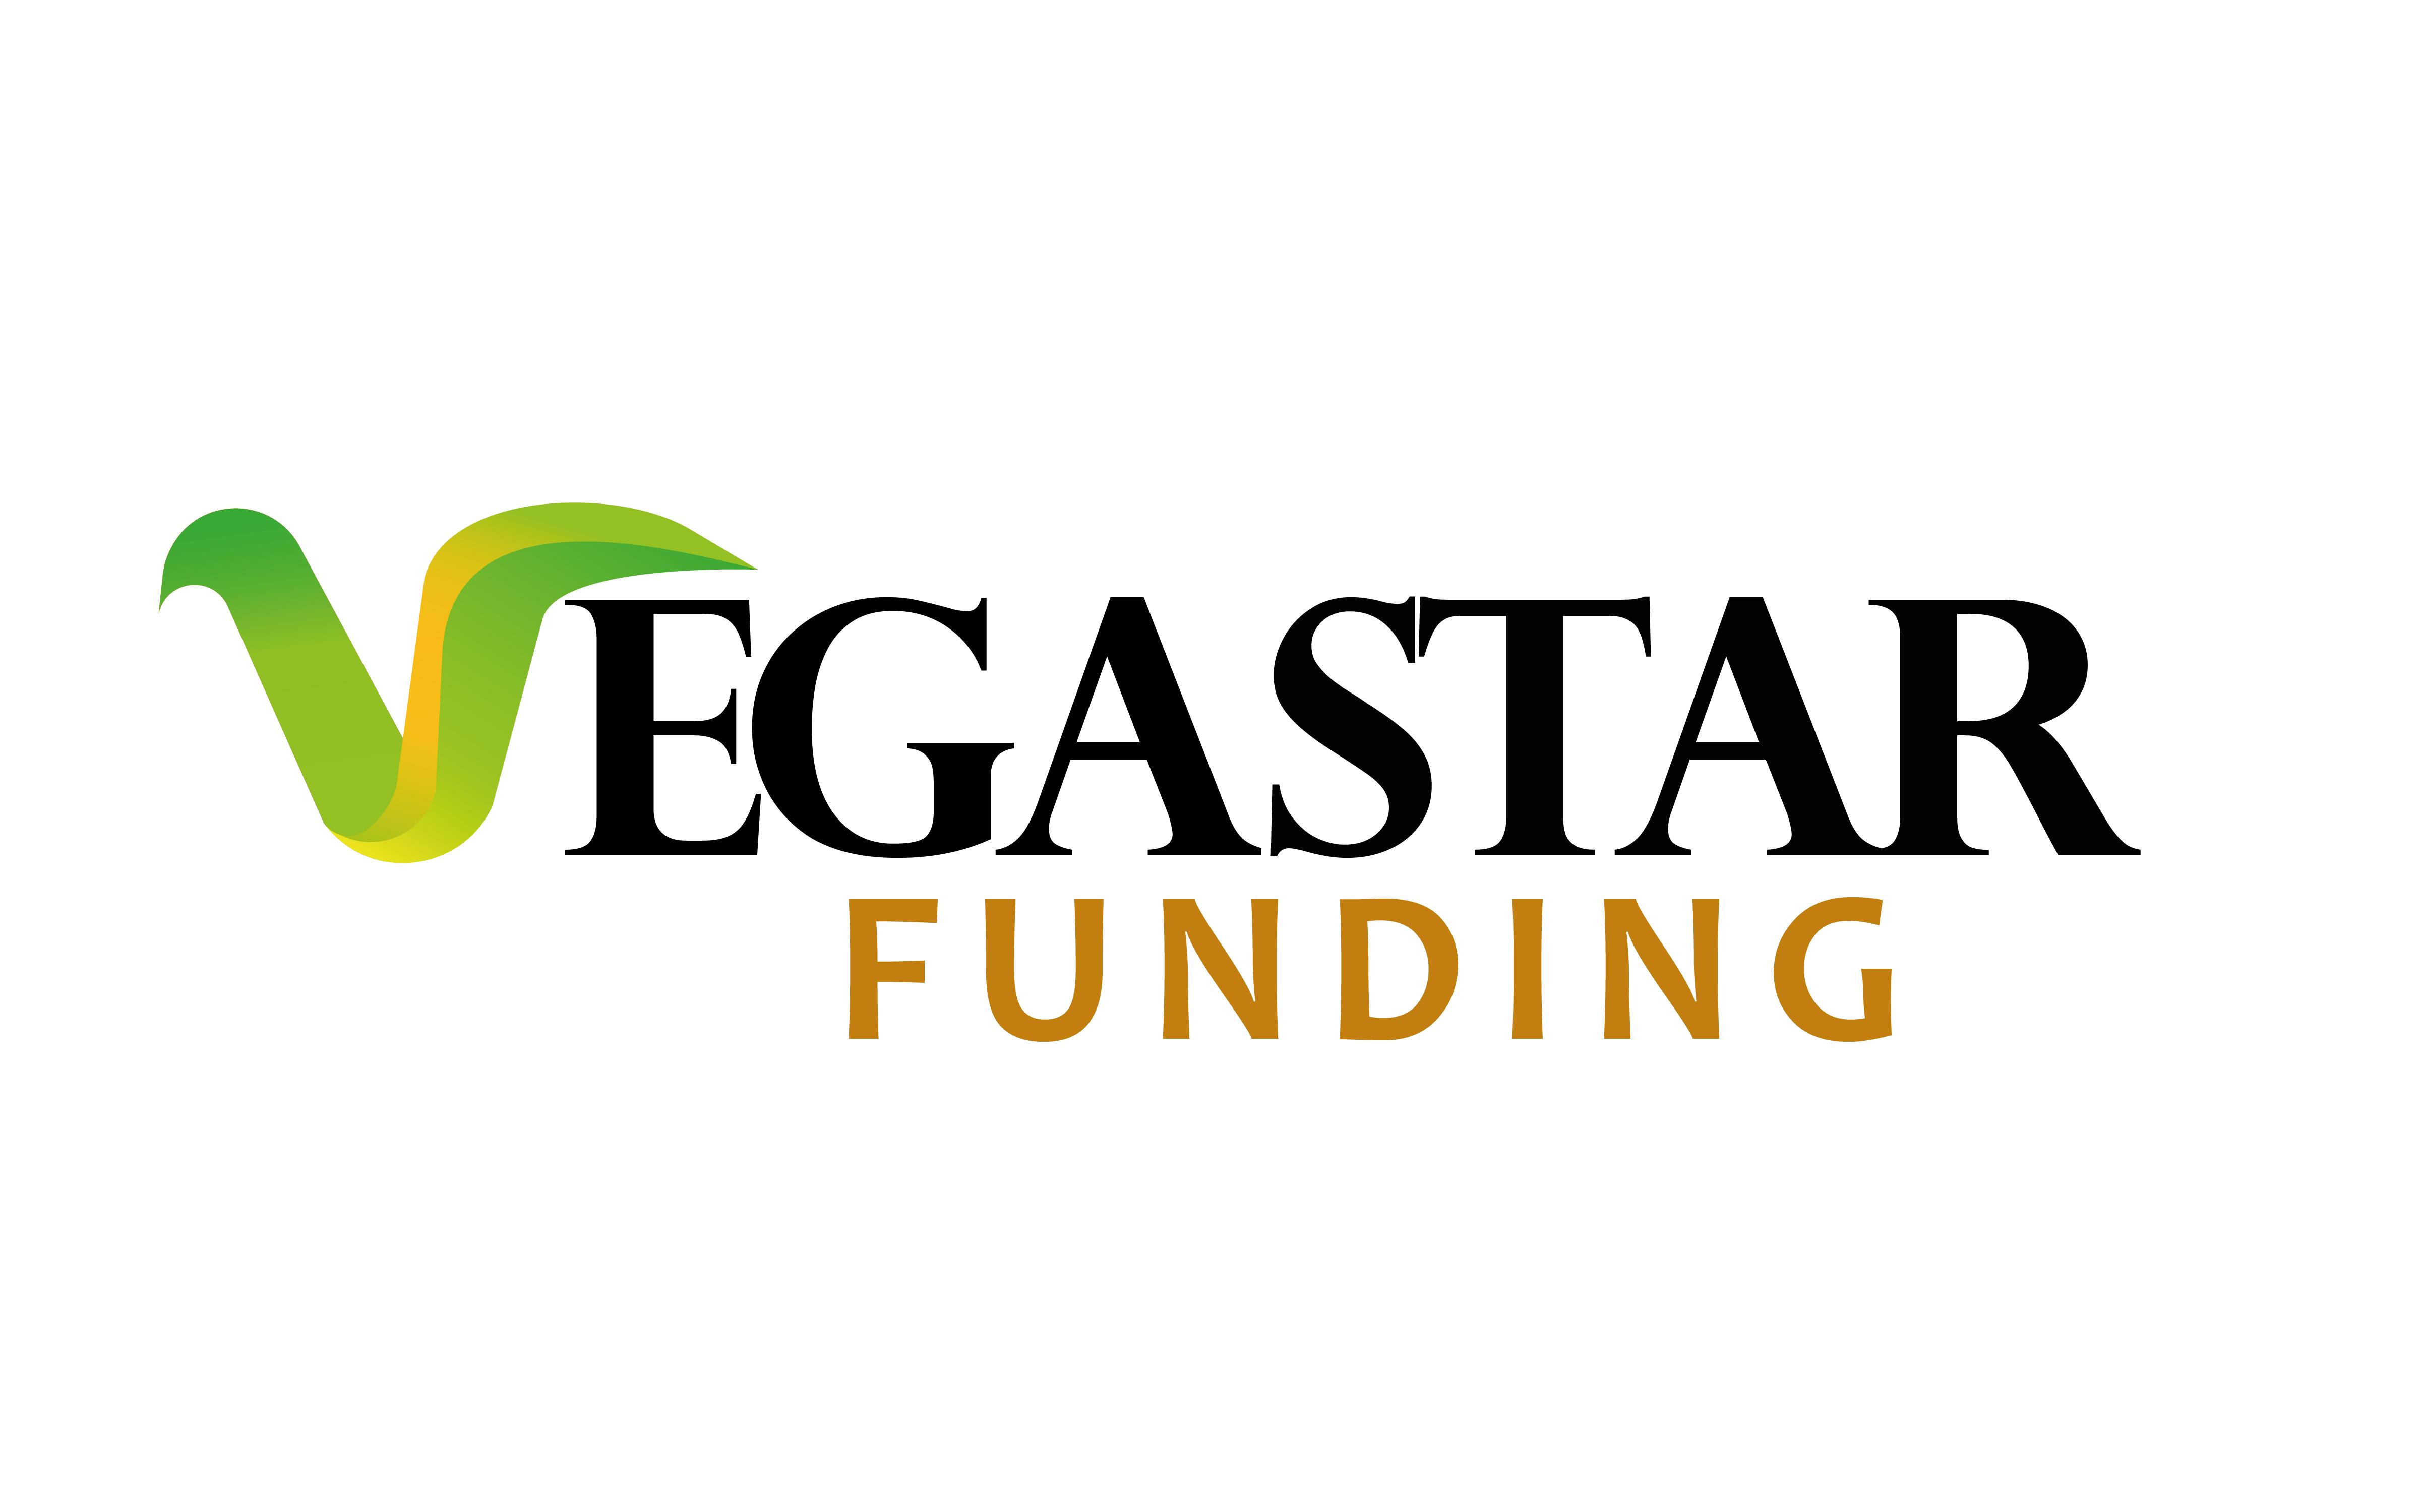 VEGASTAR Funding image 9